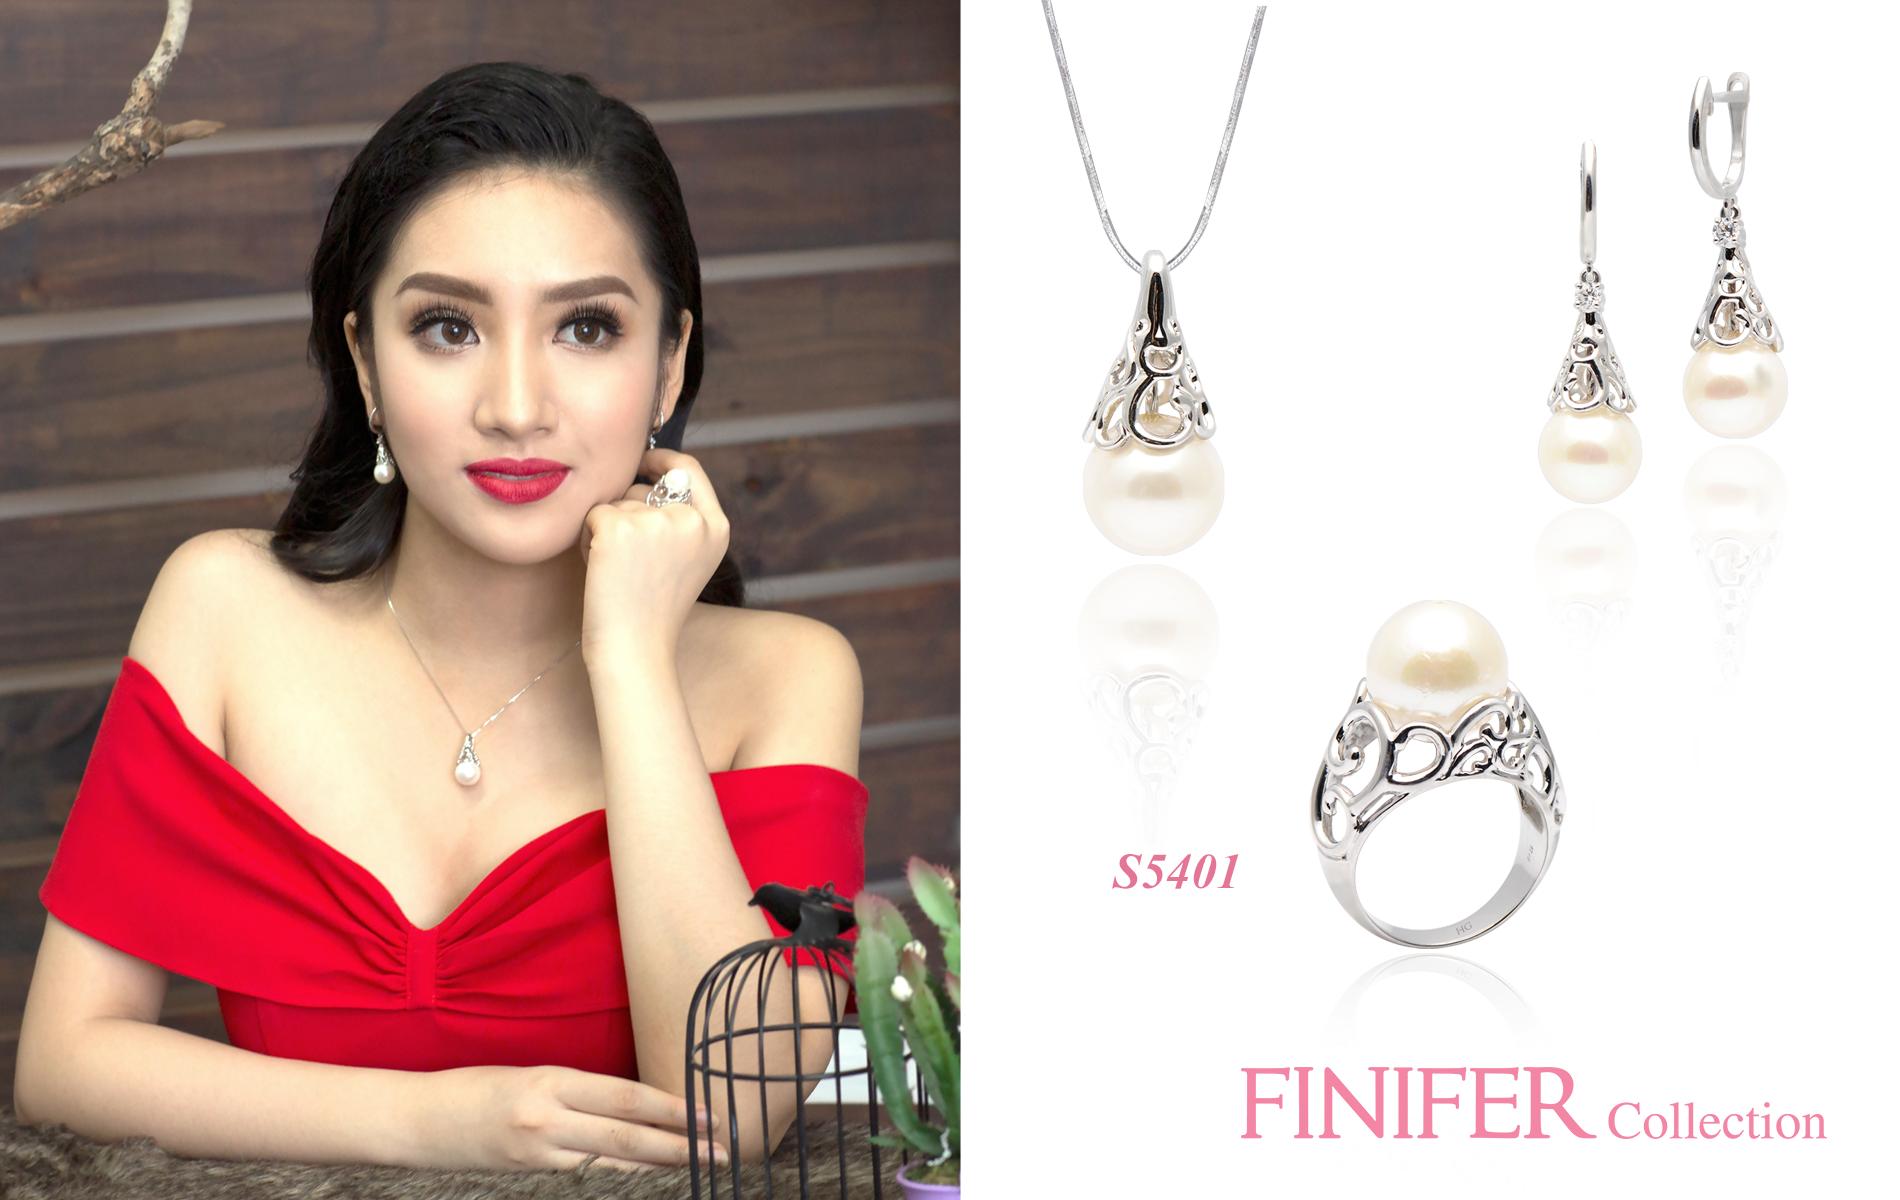 H5 - Trang suc Finifer cua Hoang Gia Pearl